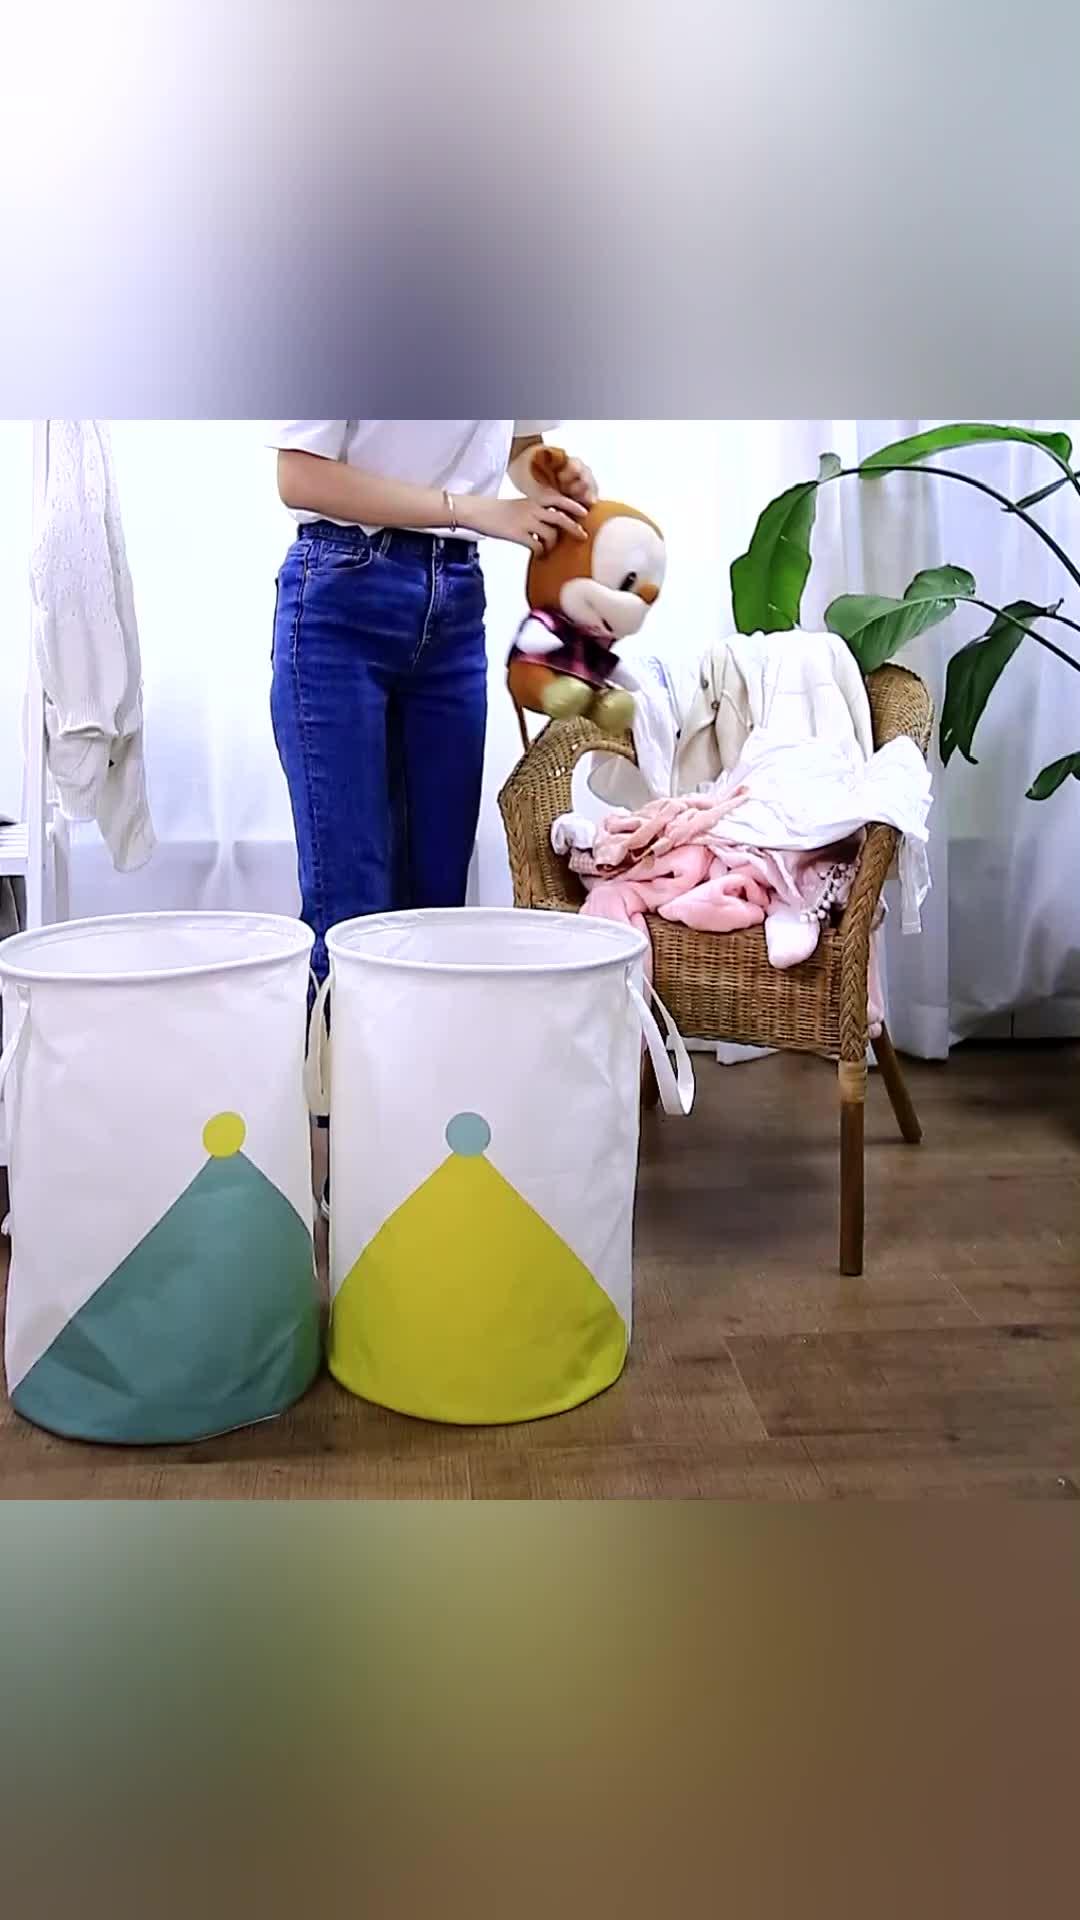 Giỏ Đựng Quần Áo Bẩn Có Thể Giặt Và Xếp Gọn Được Bán Chạy Với Tay Cầm Dài